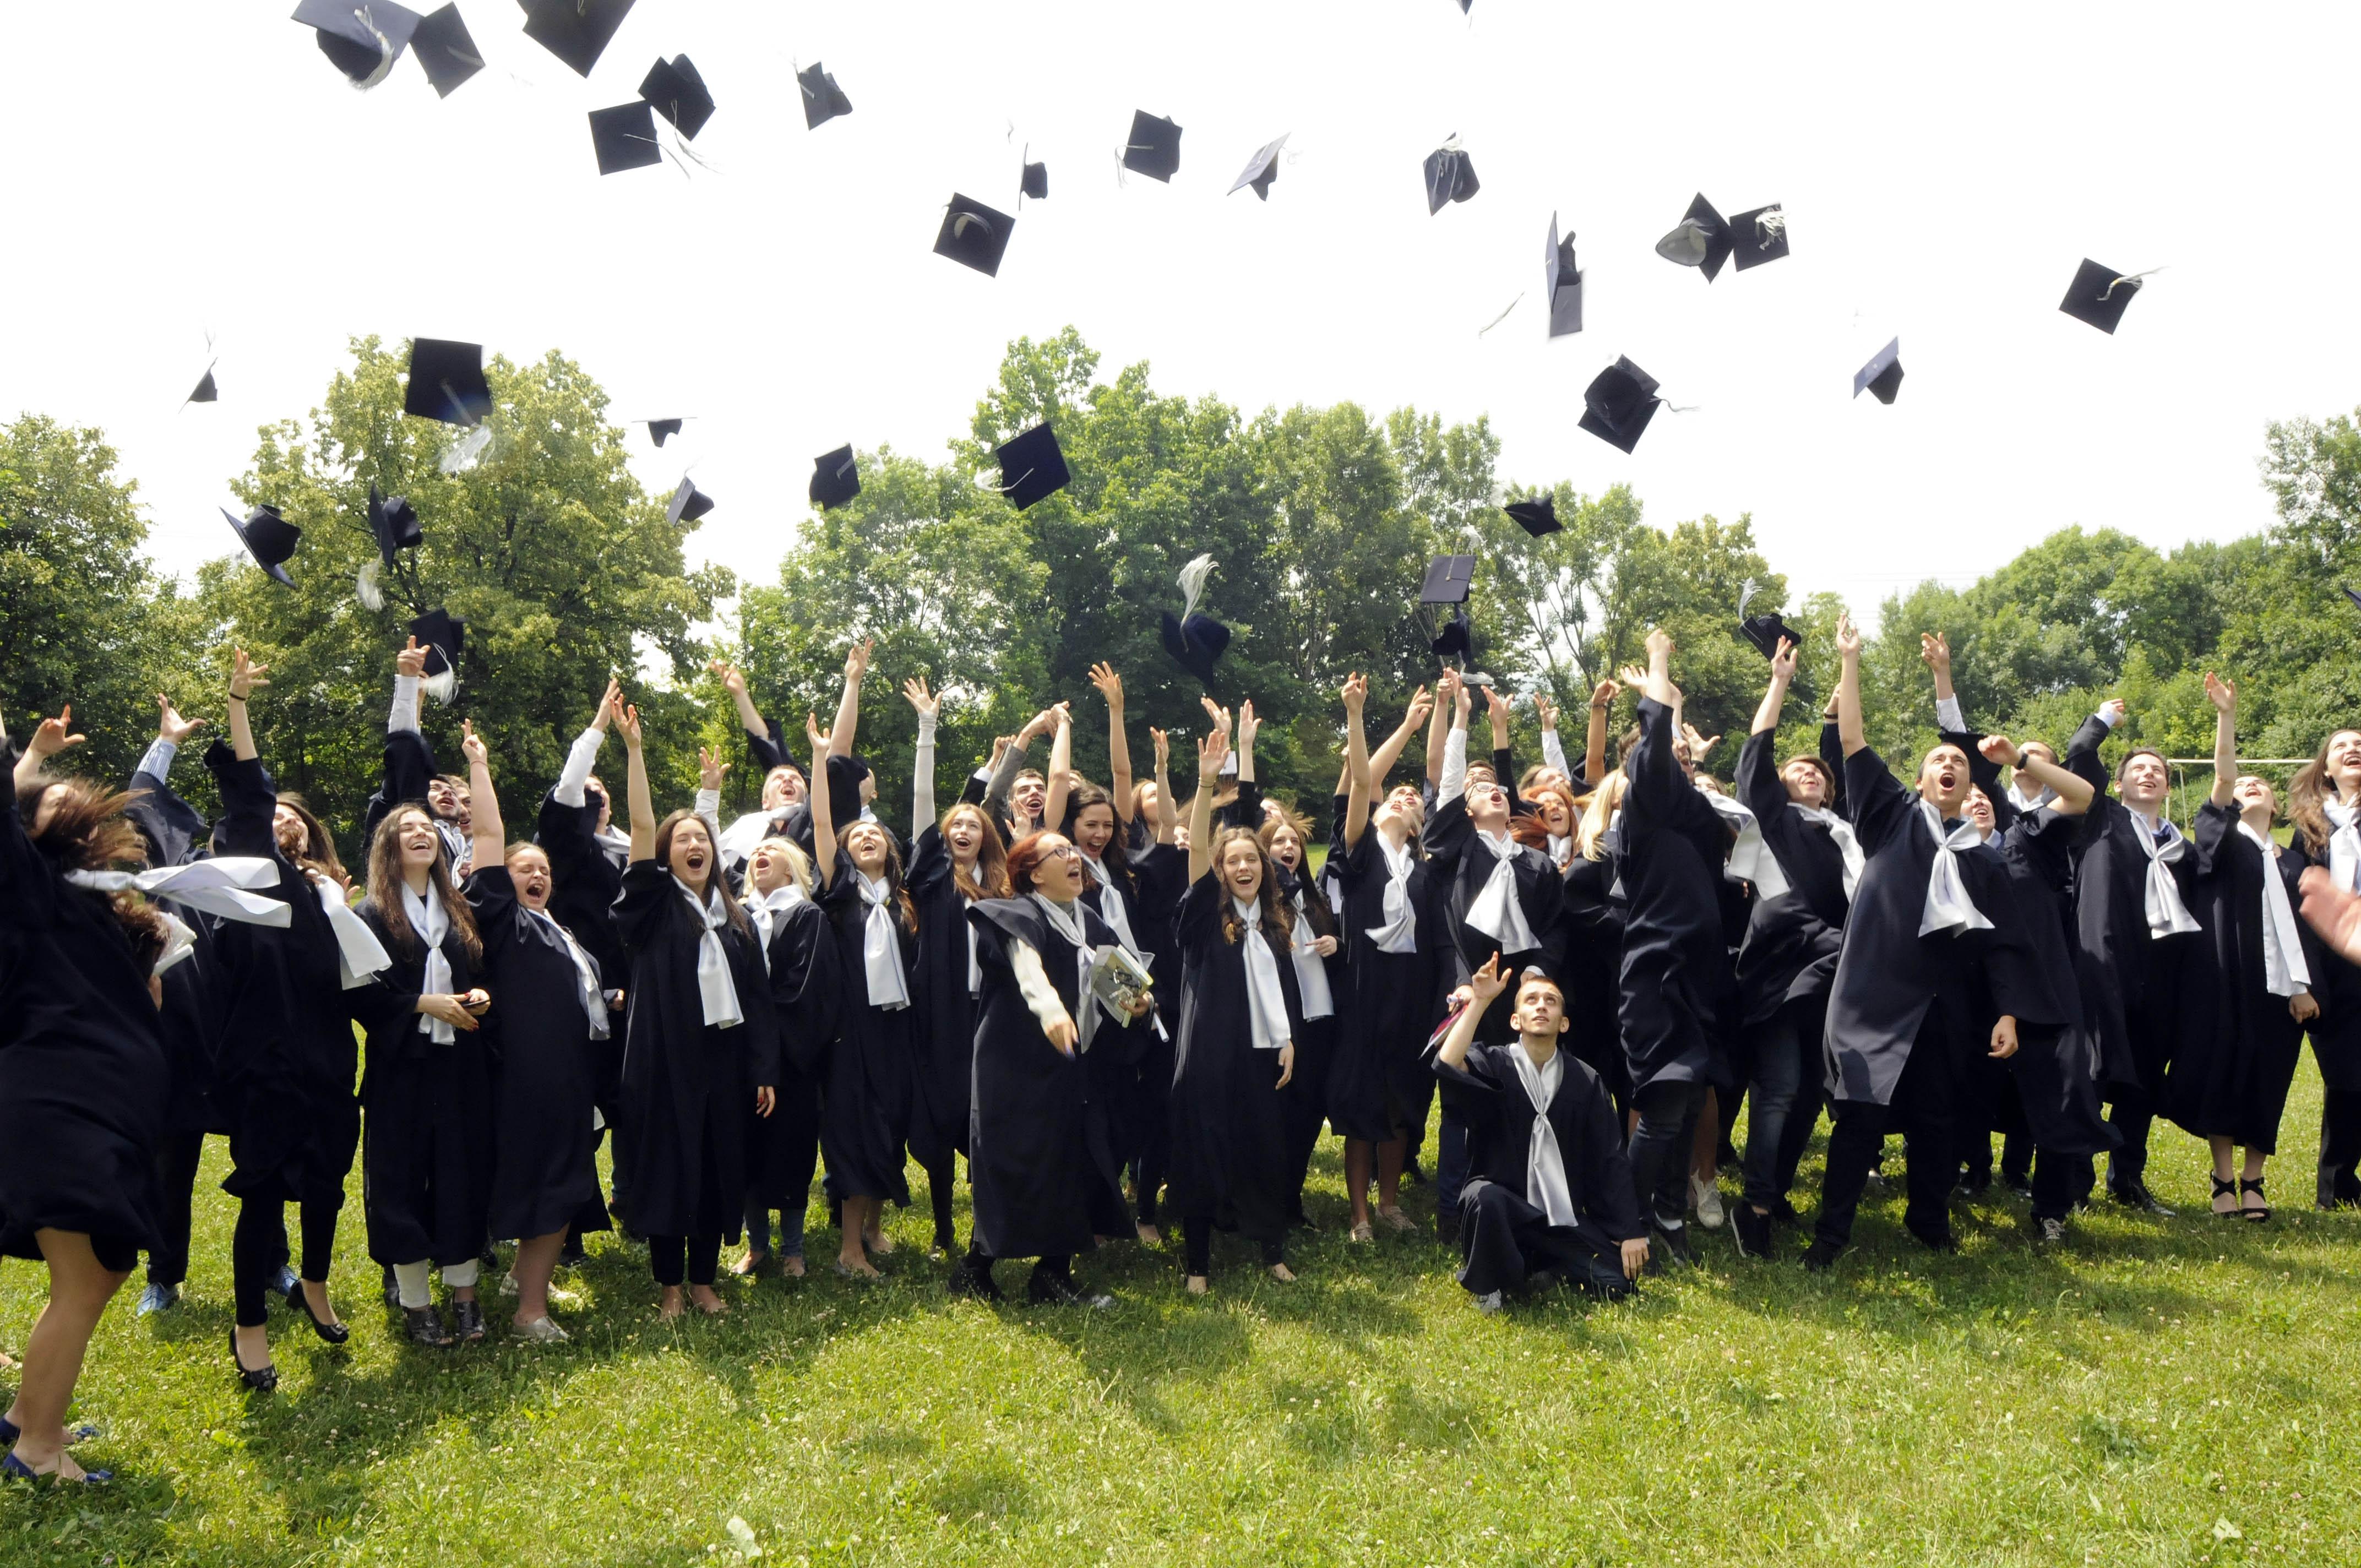 Трето място в България и 12 ПЪЛНИ ШЕСТИЦИ на матури 2017 за Международна гимназия Златарски